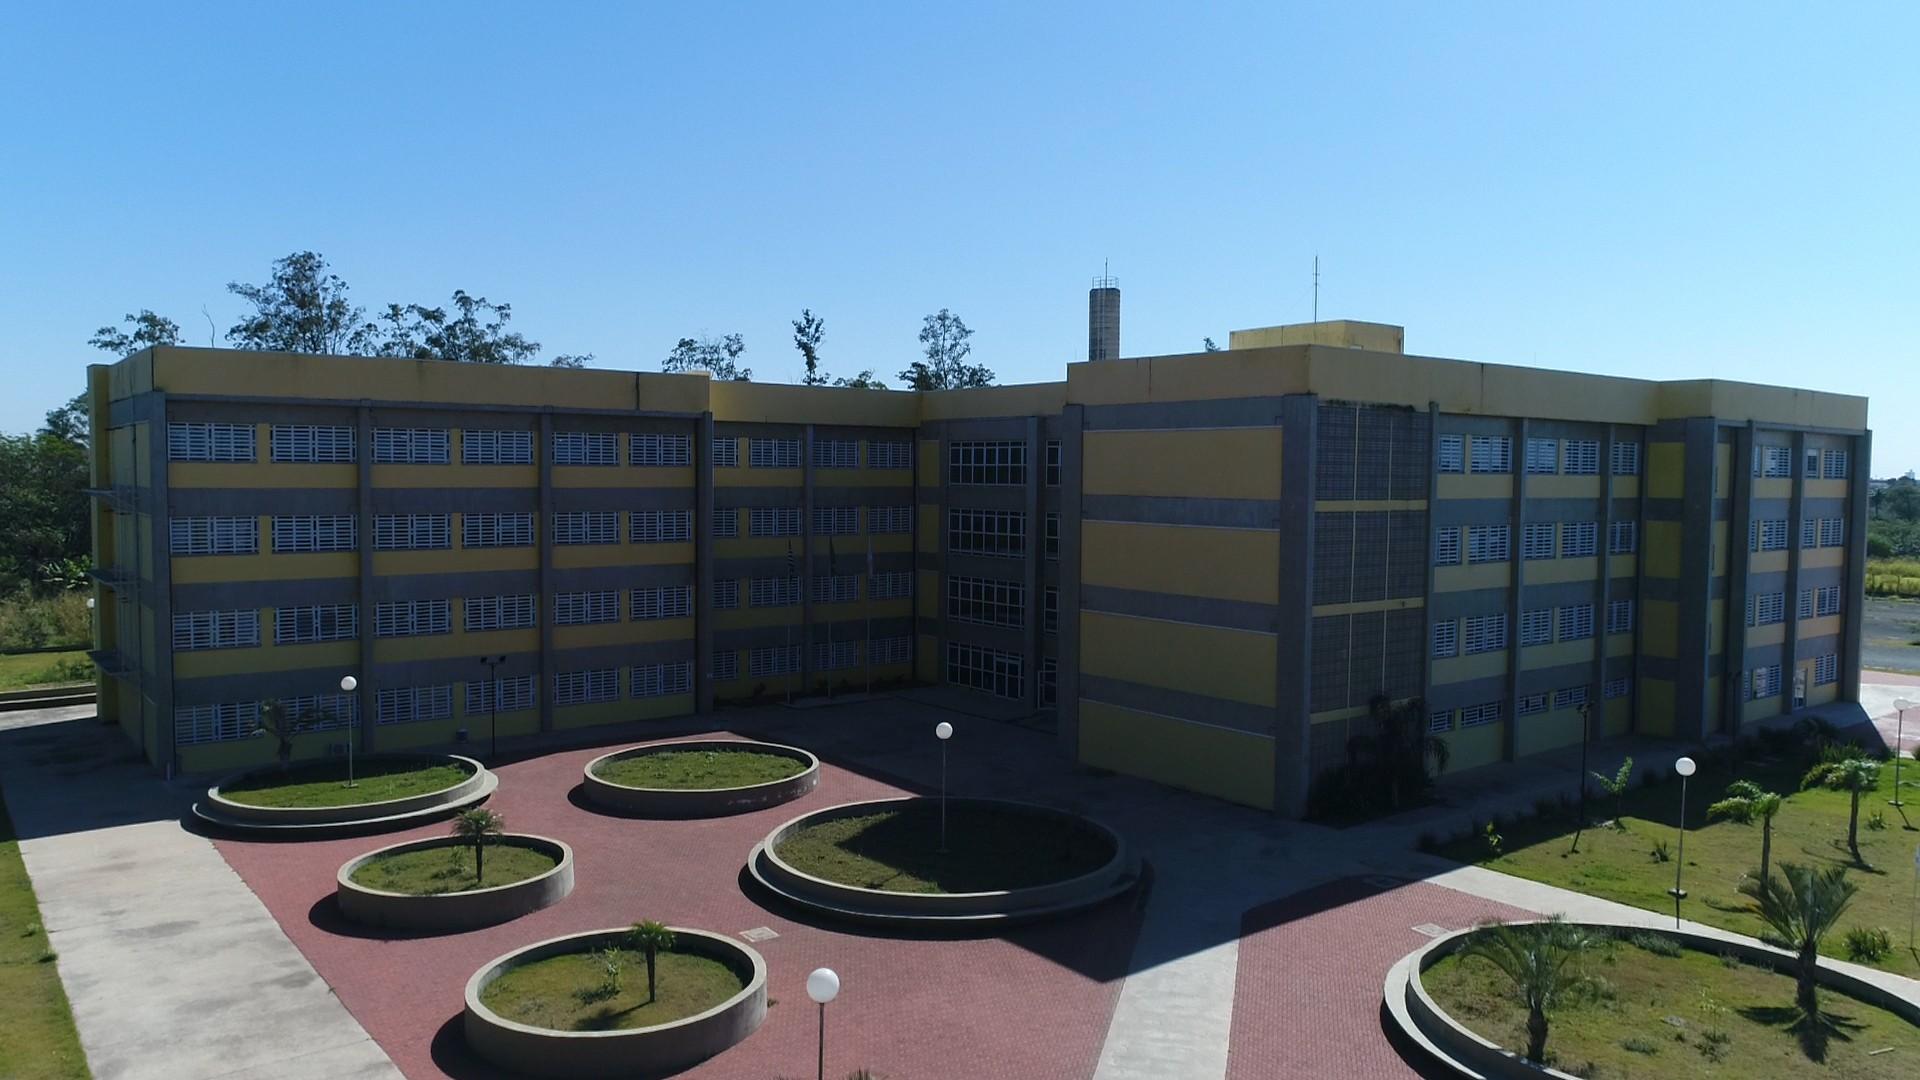 Fatecs prorrogam inscrições para 1,4 mil vagas na região de Campinas; veja lista de cursos - Notícias - Plantão Diário